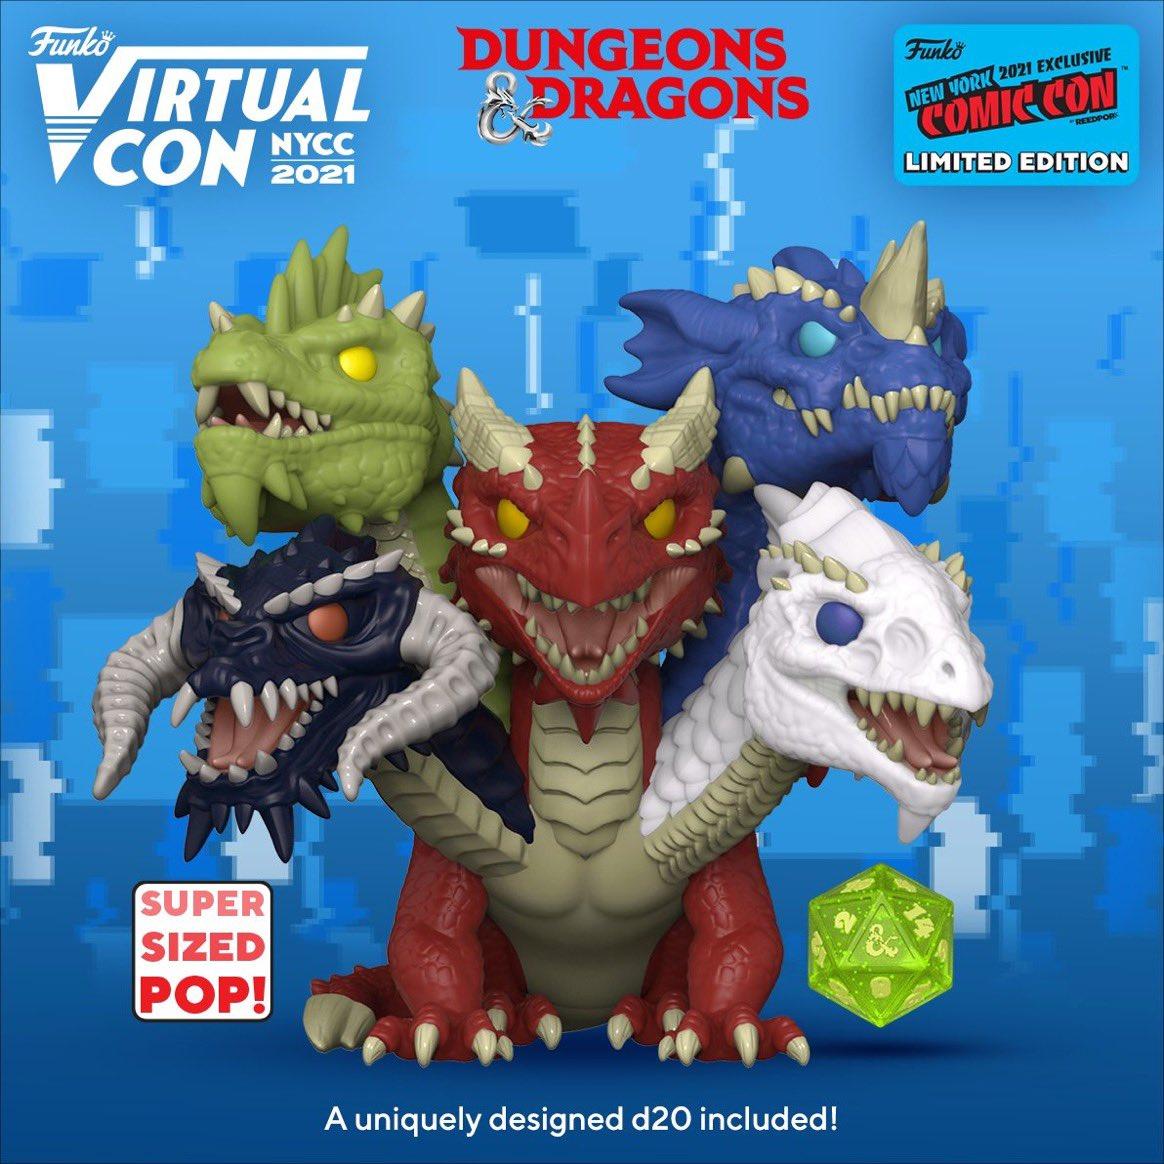 Funko Pop! Tiamat Rainha Dos Dragões Caverna do Dragão: Dungeons & Dragons D&D Super Sized Virtual Con NYCC 2021 Edição Limitada Limited Edition - Funko